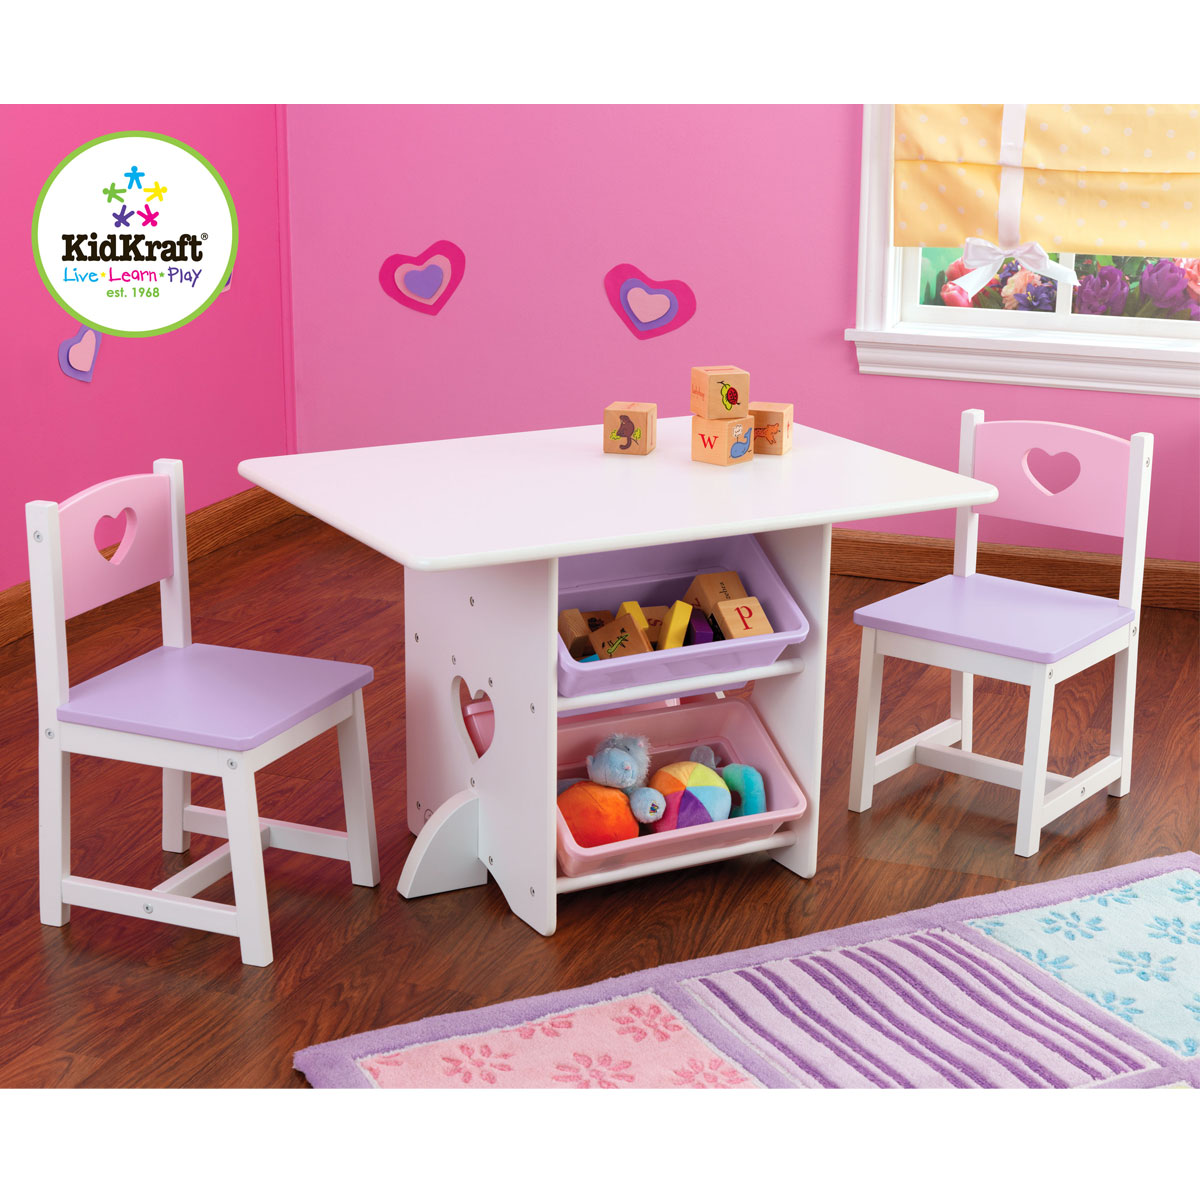 Kidkraft 26913 heart set tavolo e sedia per bambini con for Tavolo legno bimbi